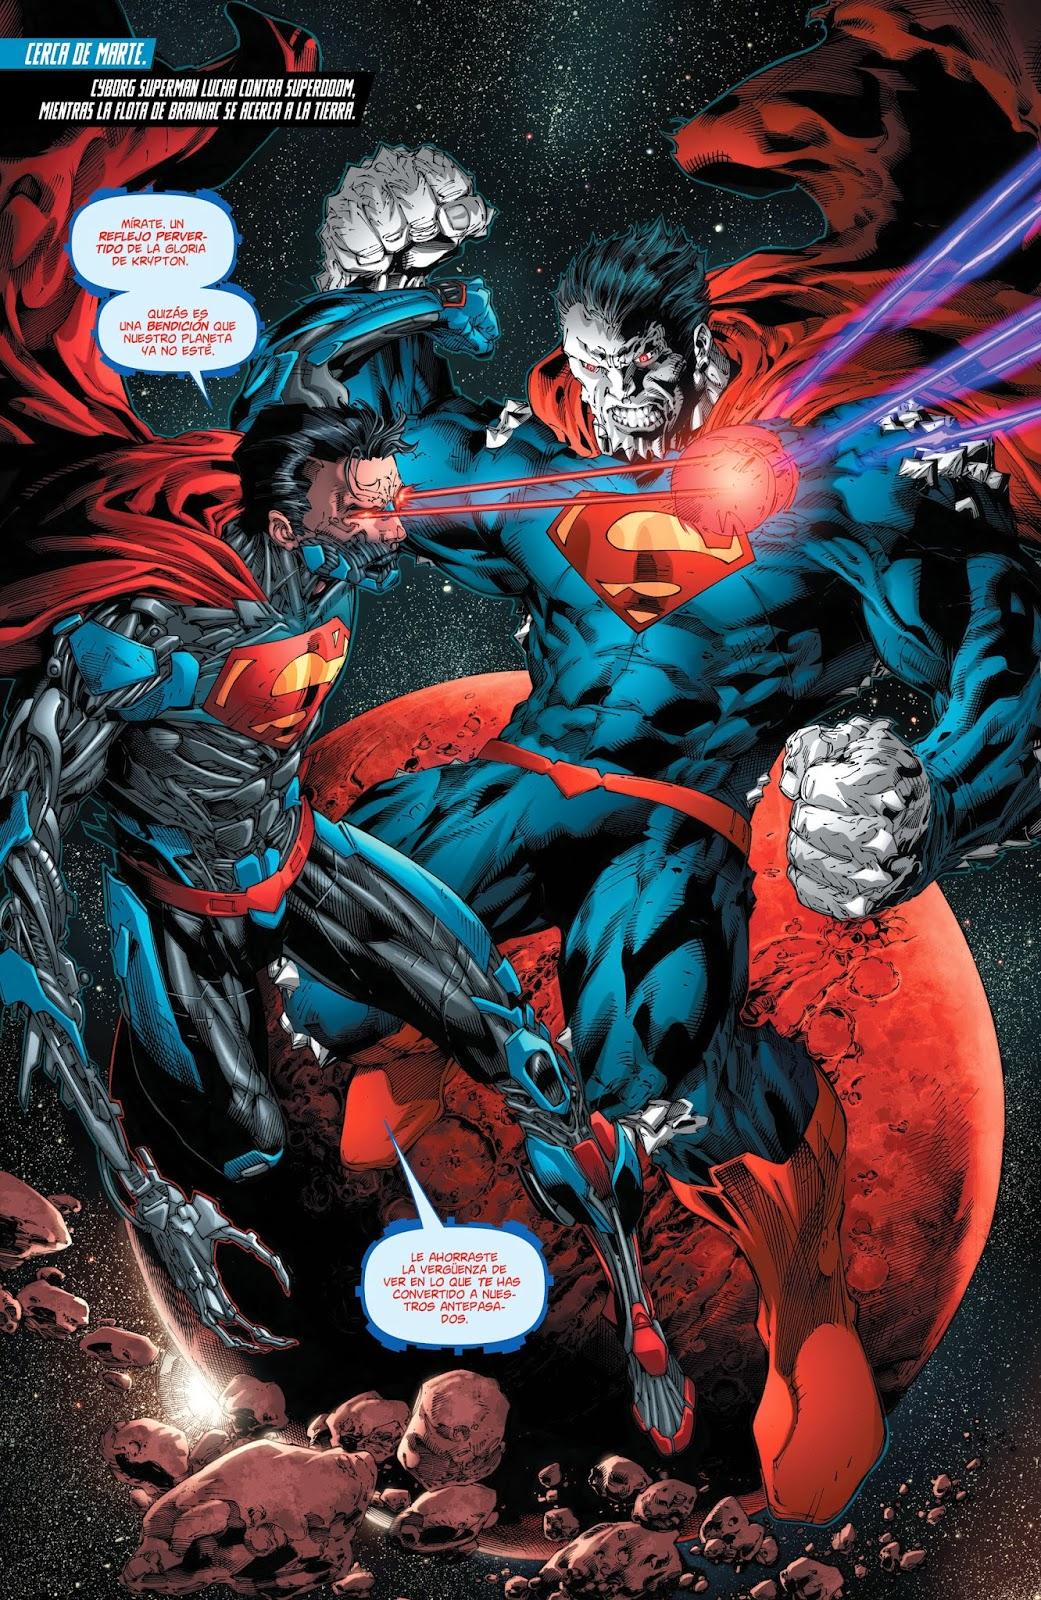 New 52 Cyborg Superman  Superman  Pinterest  Superman